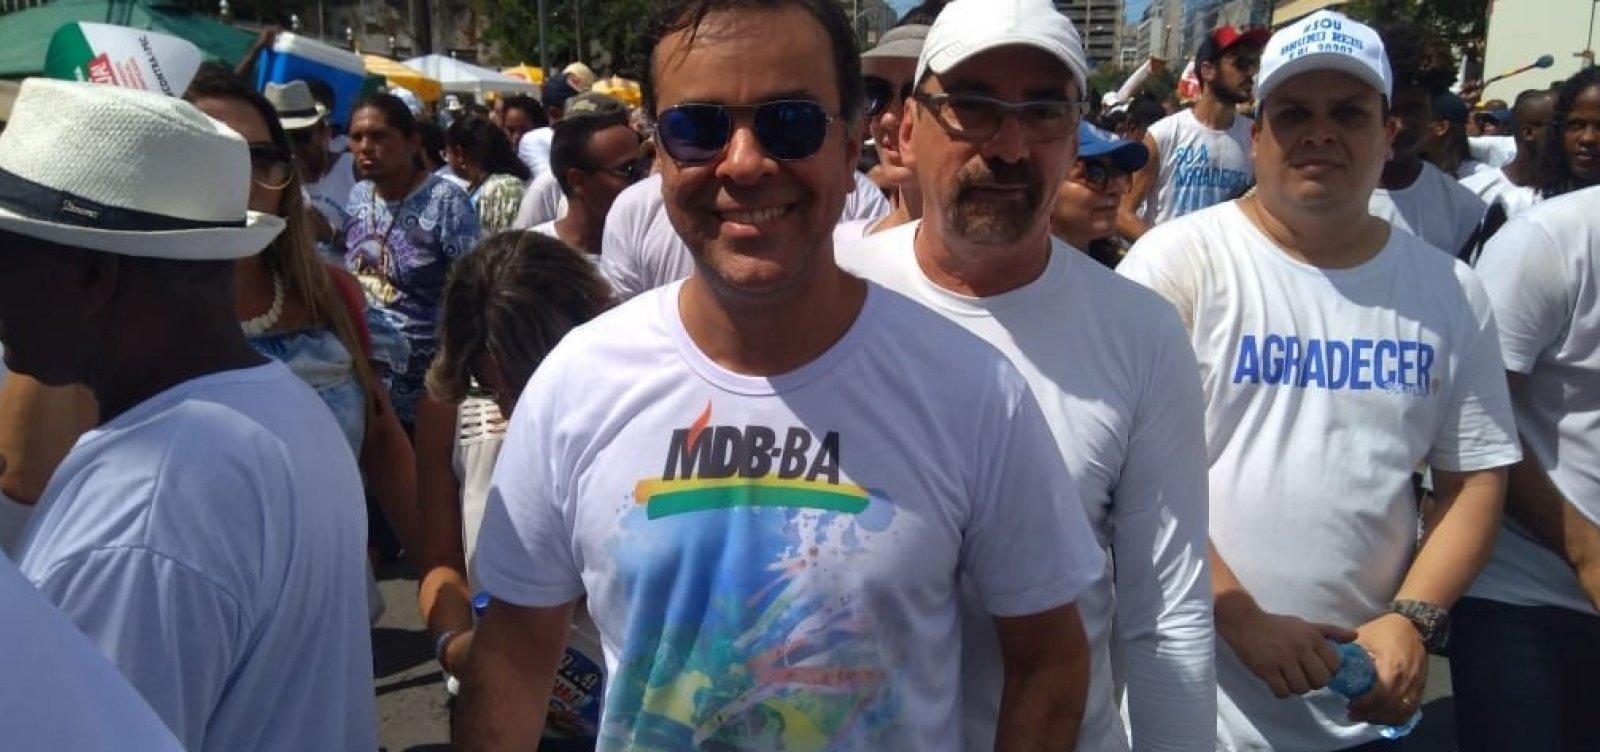 [Presidente do MDB na Bahia diz que conversas com Geraldo Jr. estão avançadas: 'Só depende dele']